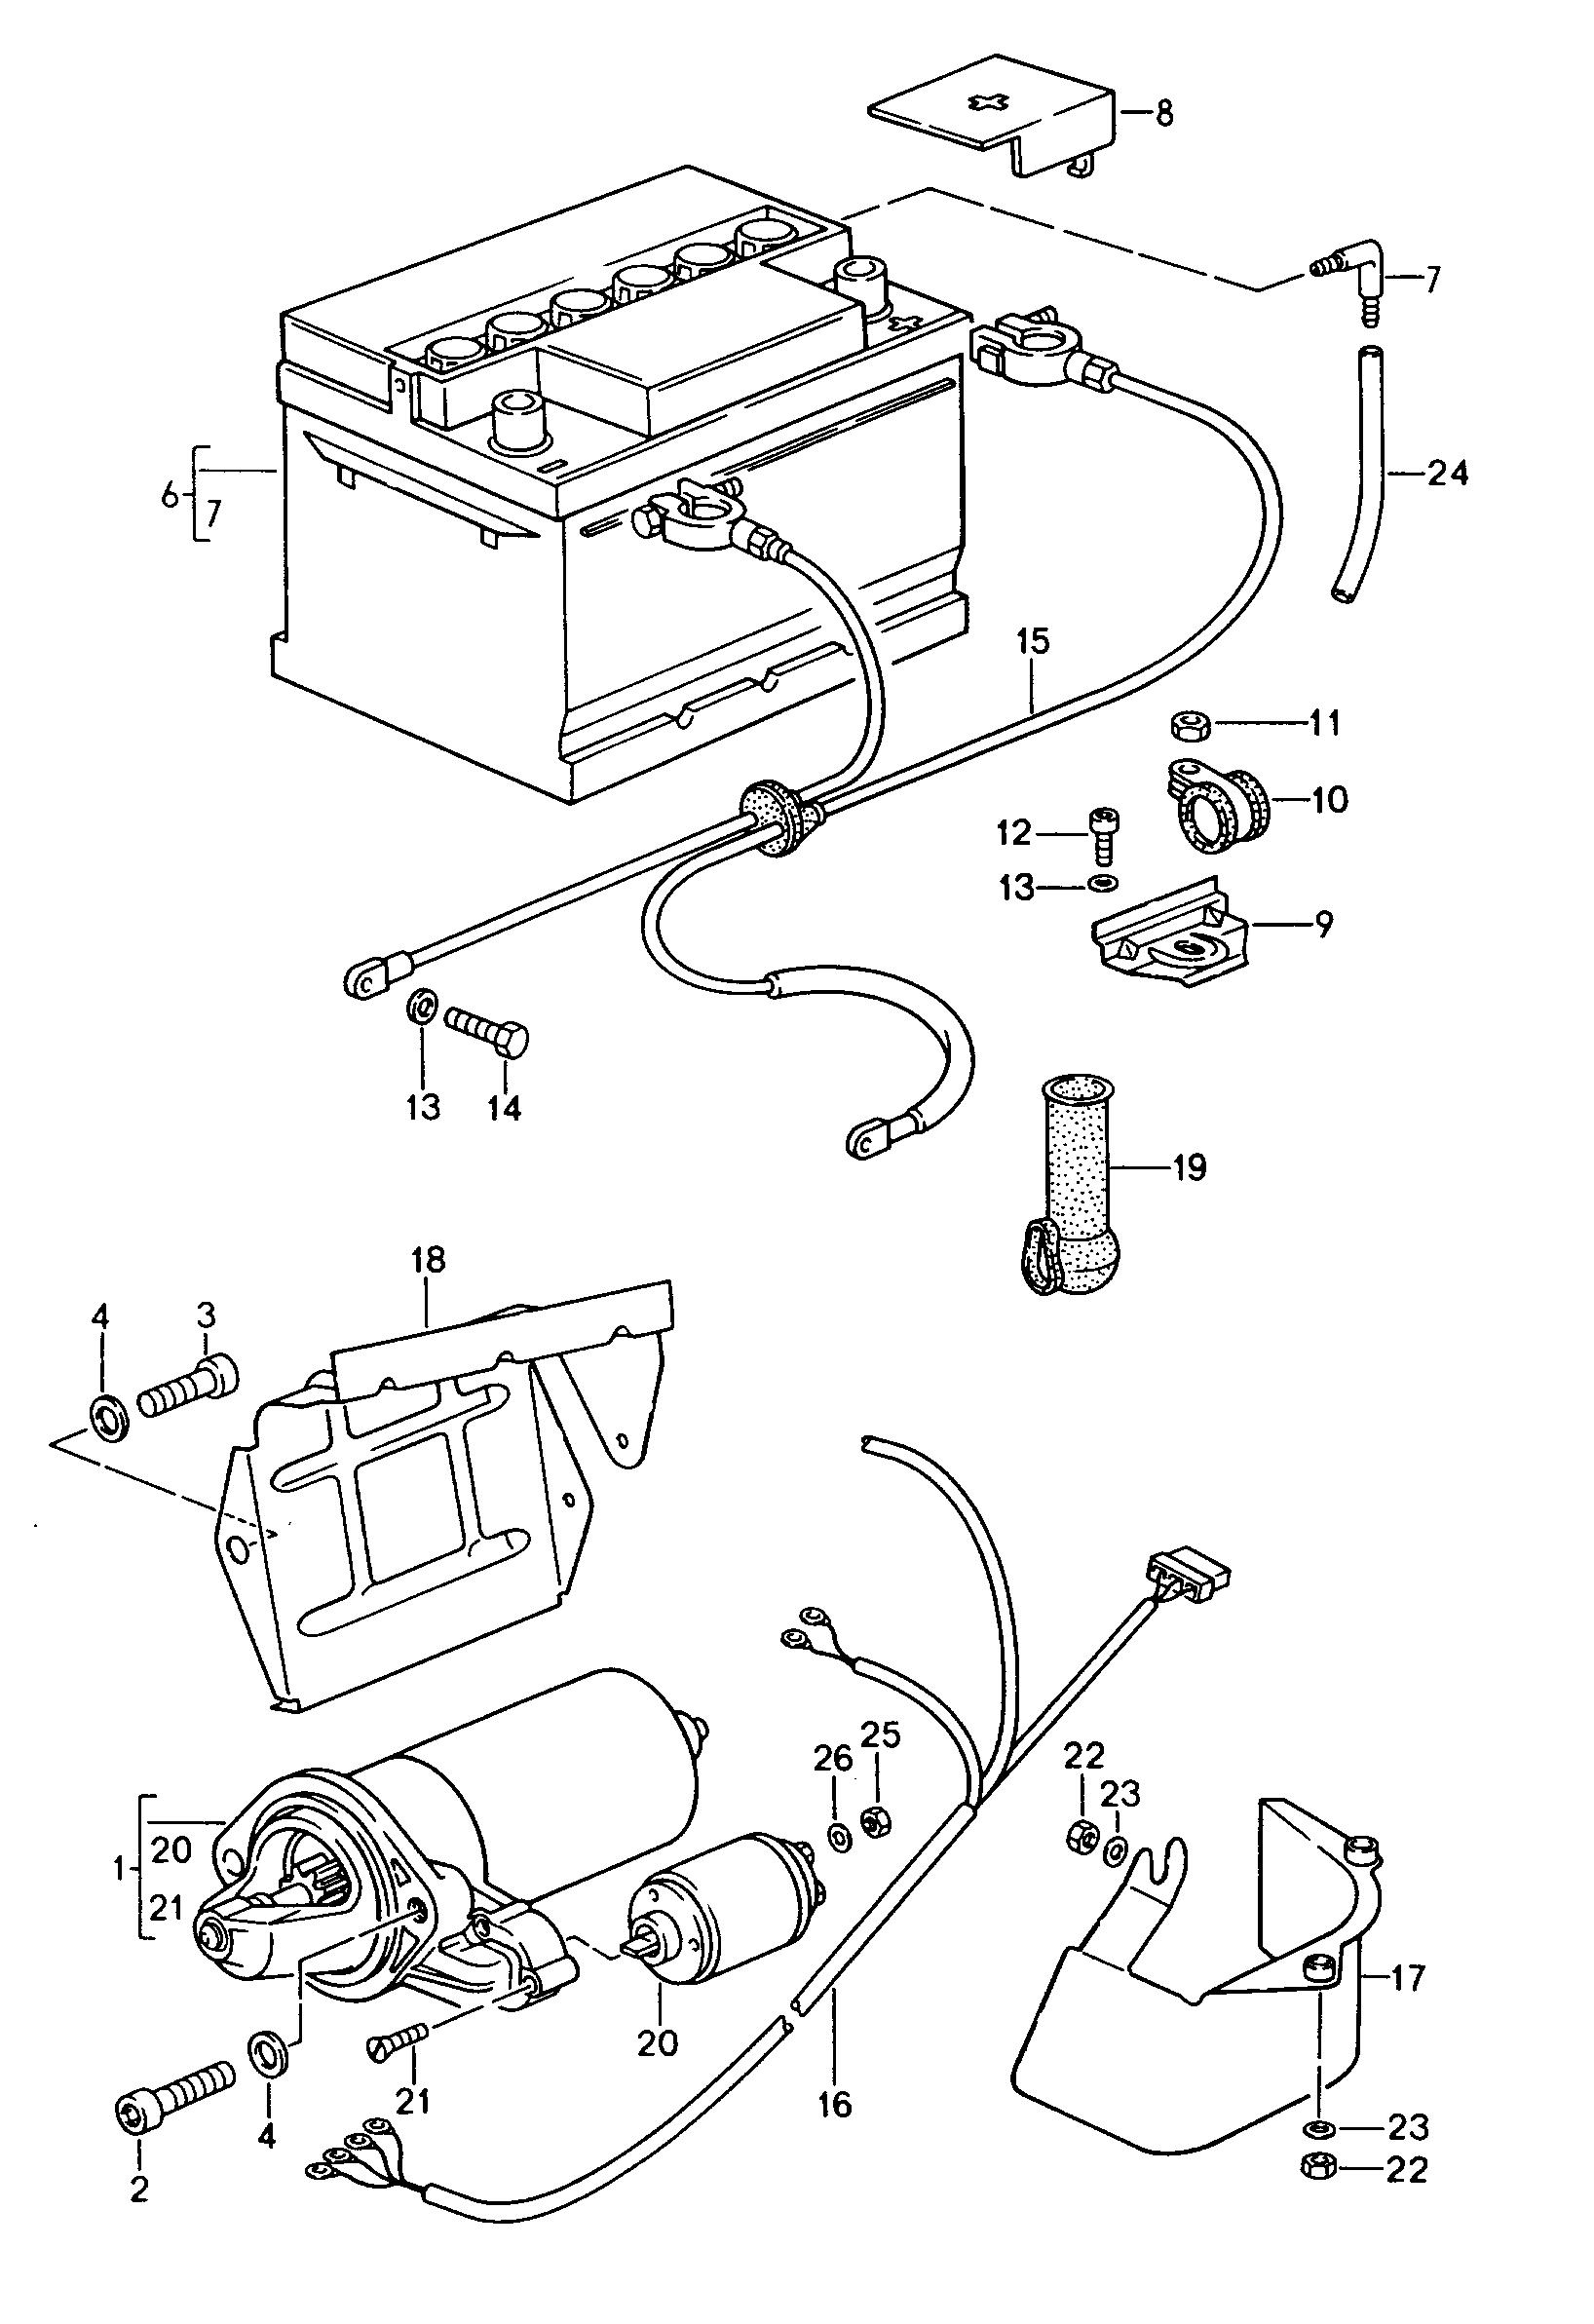 Porsche 944 Starter Wiring Diagram Schematics 1986 Pontiac Fiero 1989 1991 Battery Harnesses 1992